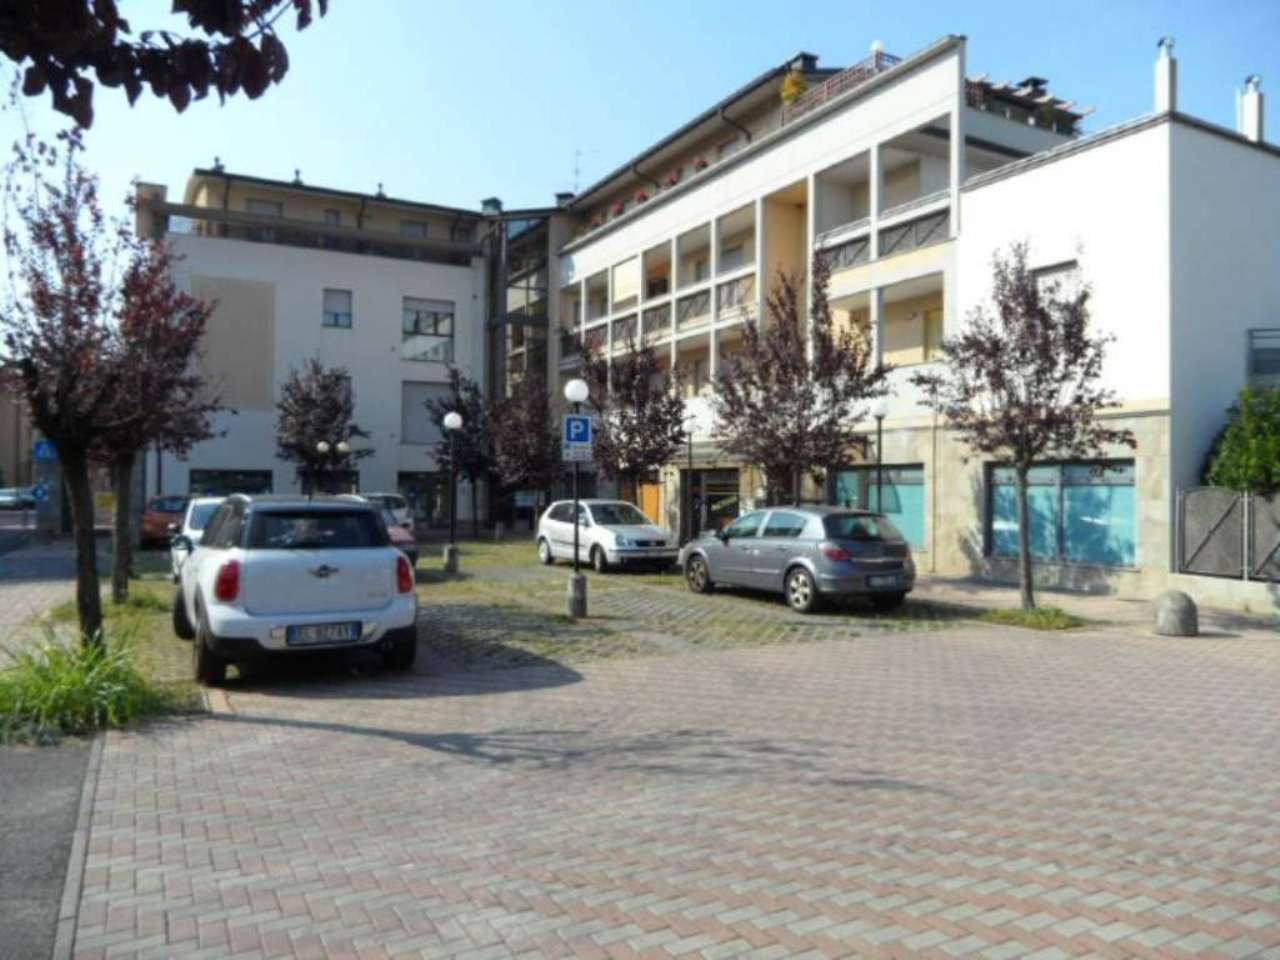 Negozio / Locale in vendita a Seriate, 2 locali, prezzo € 100.000 | Cambio Casa.it